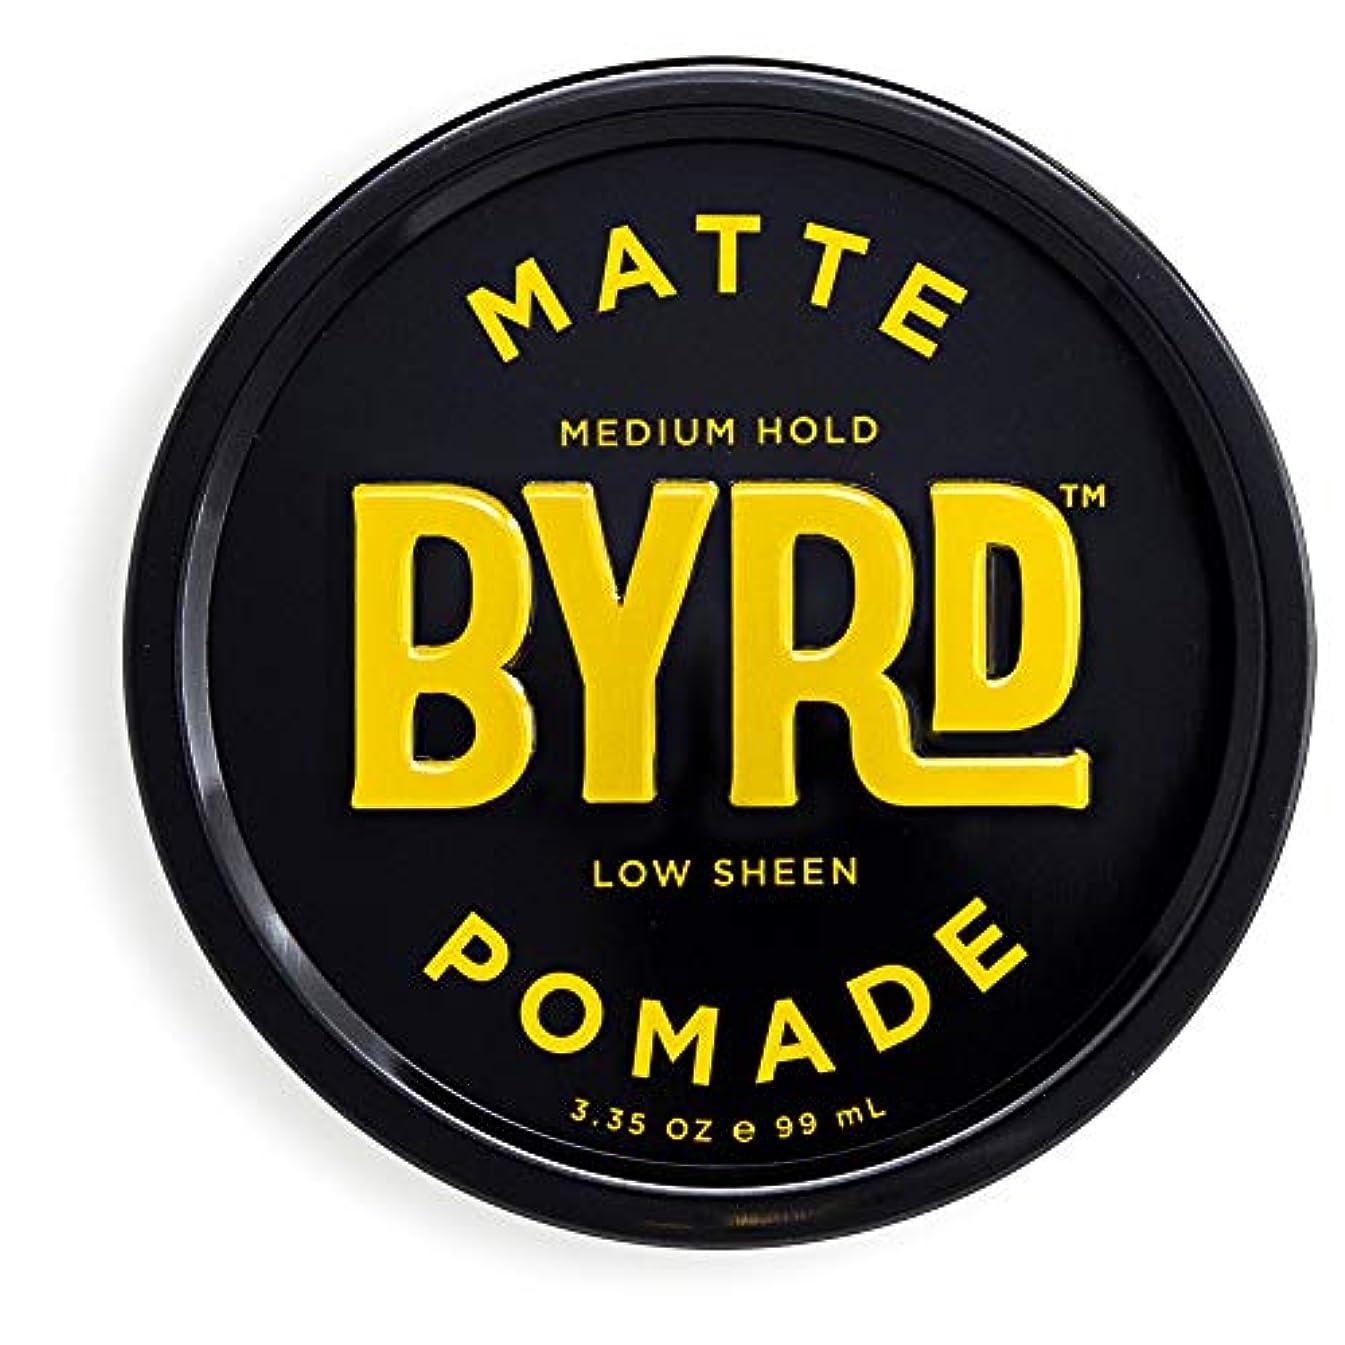 思い出す電話をかける果てしないBYRD(バード)  マットポマード 70g